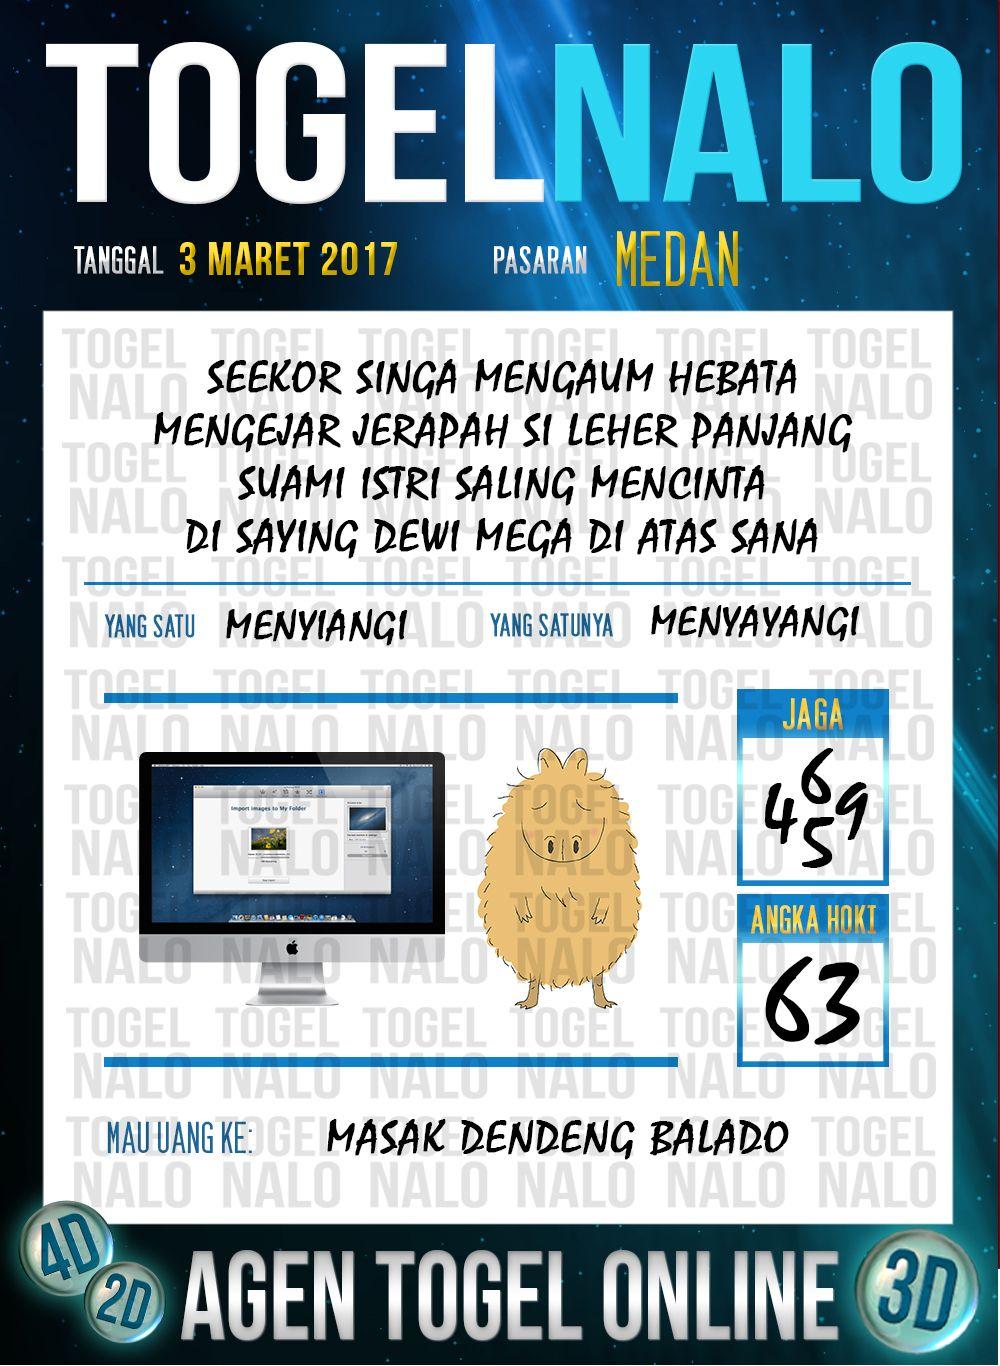 Angka 4d Togel Wap Online Togelnalo Medan 3 Maret 2017 22 Januari Januari Tahu